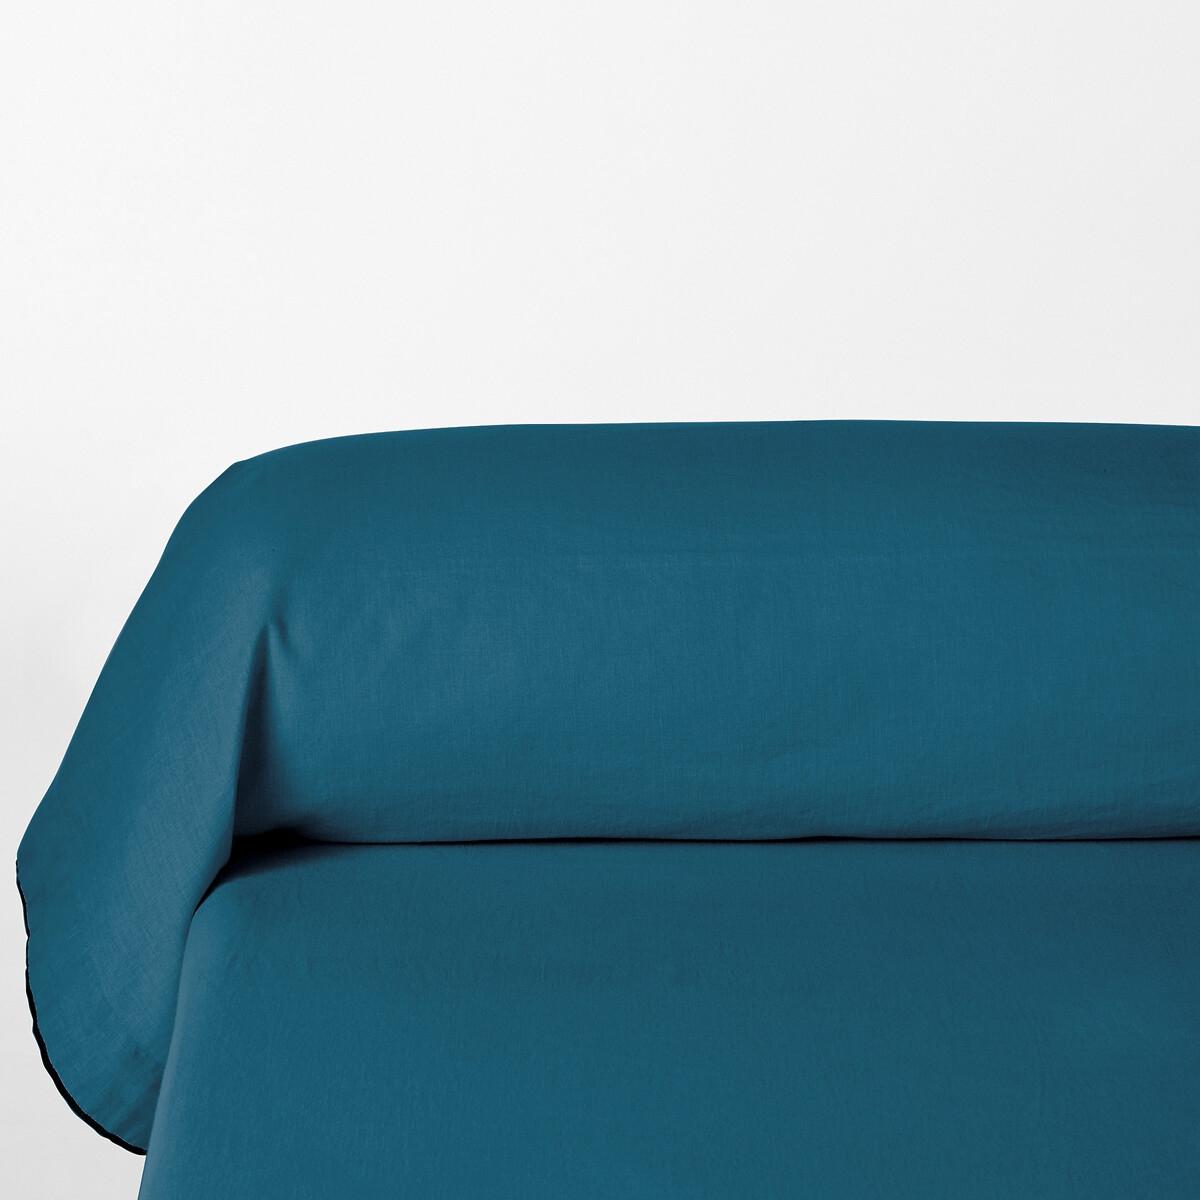 наволочки на подушку и наволочка на подушку валик из хлопка richmond Наволочка LaRedoute На подушку-валик из льна и хлопка Lior 85 x 185 см синий